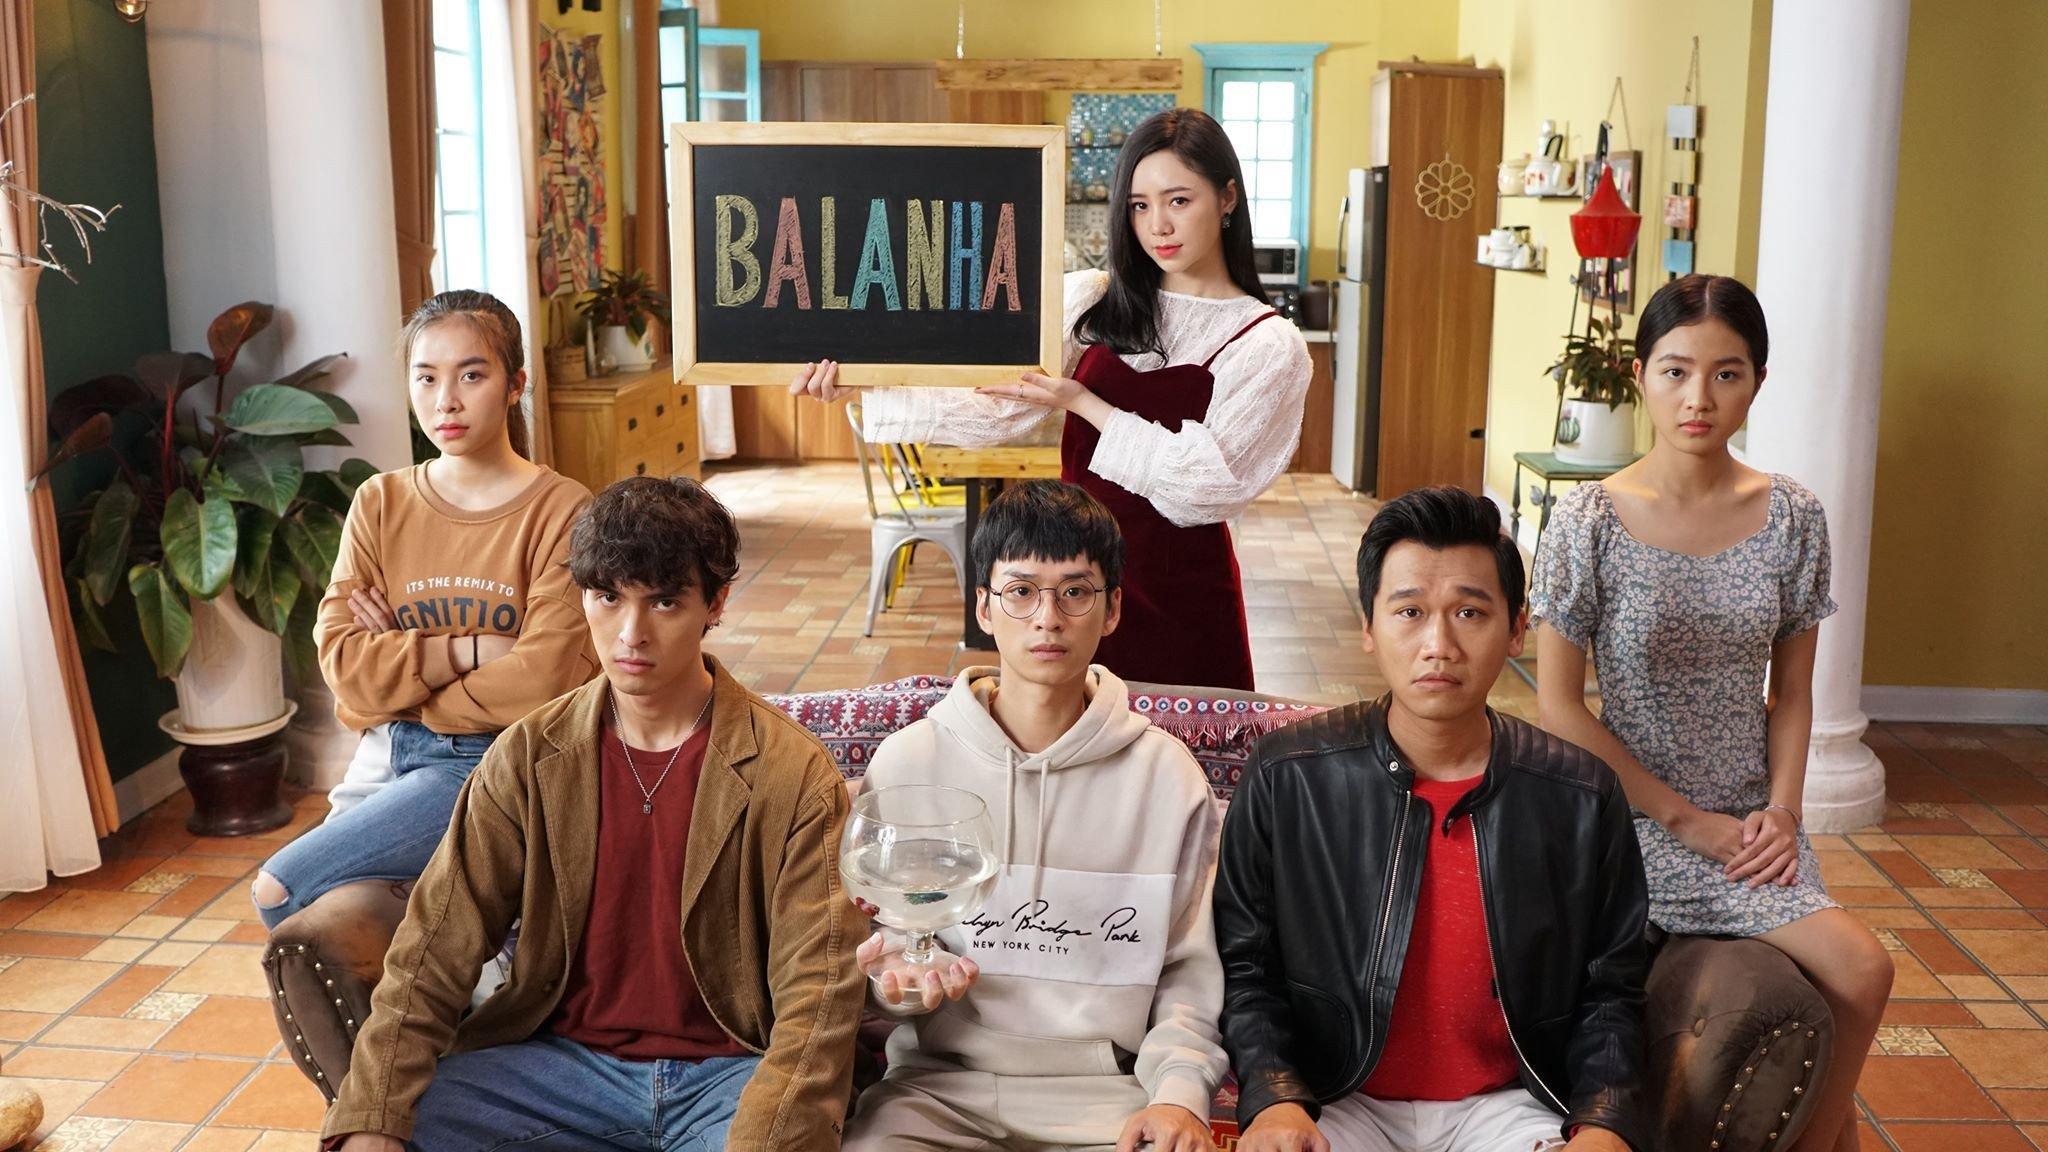 Những phim truyền hình Việt ấn tượng nhất 2020: Phim từng được xem nhiều nhất là một cái tên gây bất ngờ - Ảnh 4.